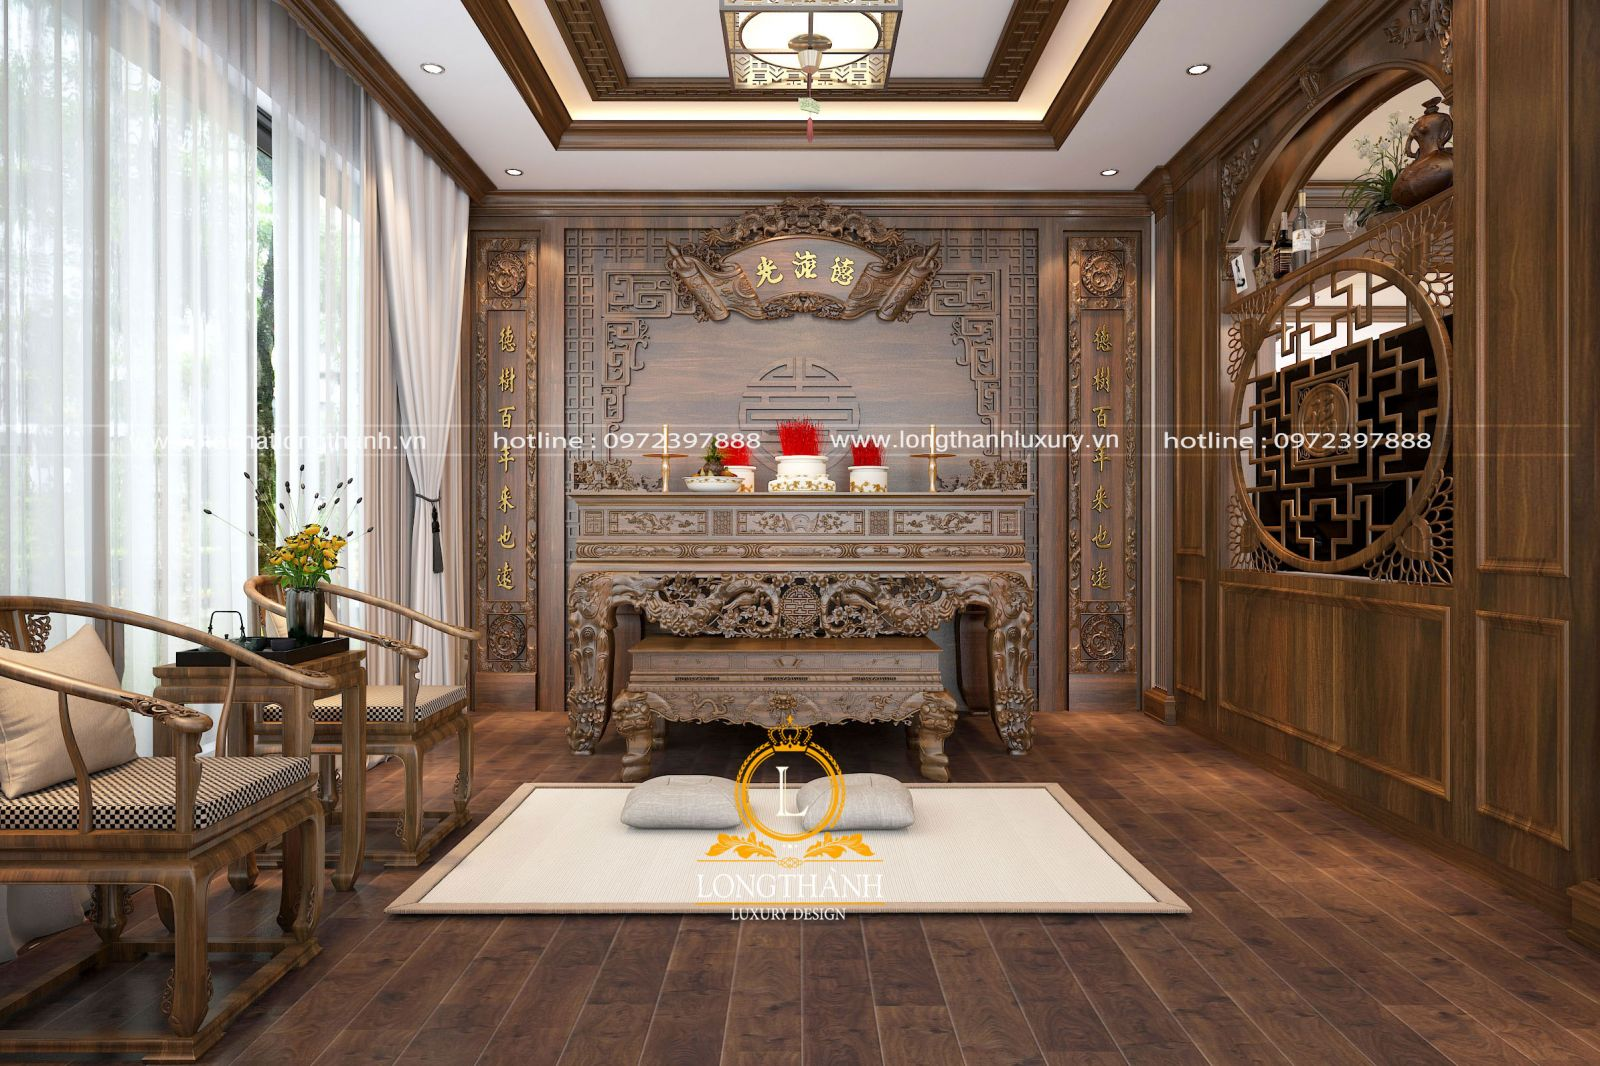 Không gian phòng thờ trang nghiêm với nội thất gỗ gụ